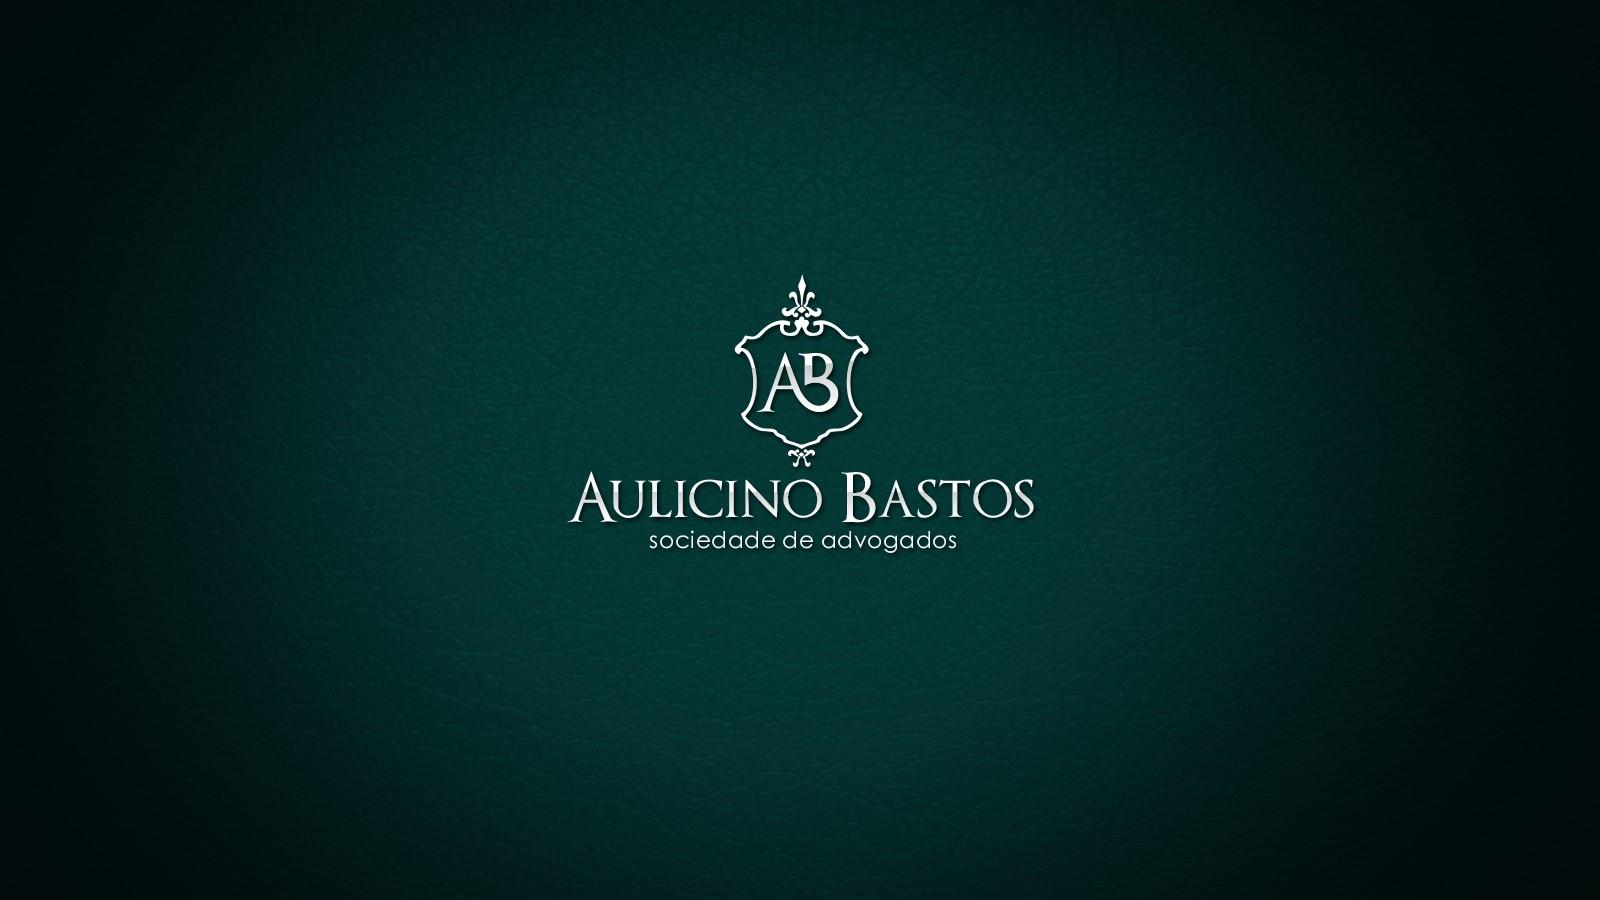 AULICINO BASTOS